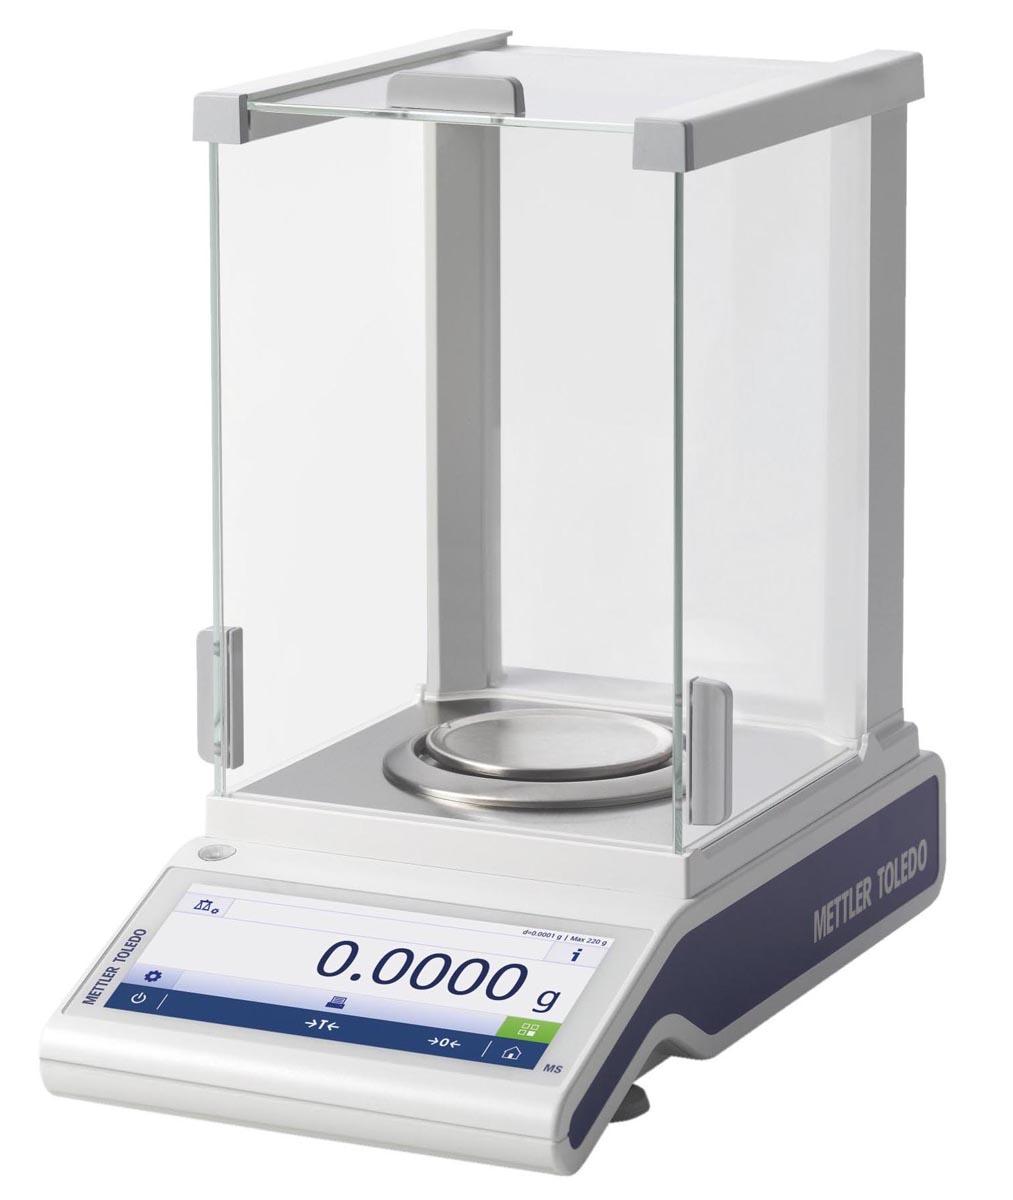 メトラー・トレド メトラー電子てんびん MS3002TS